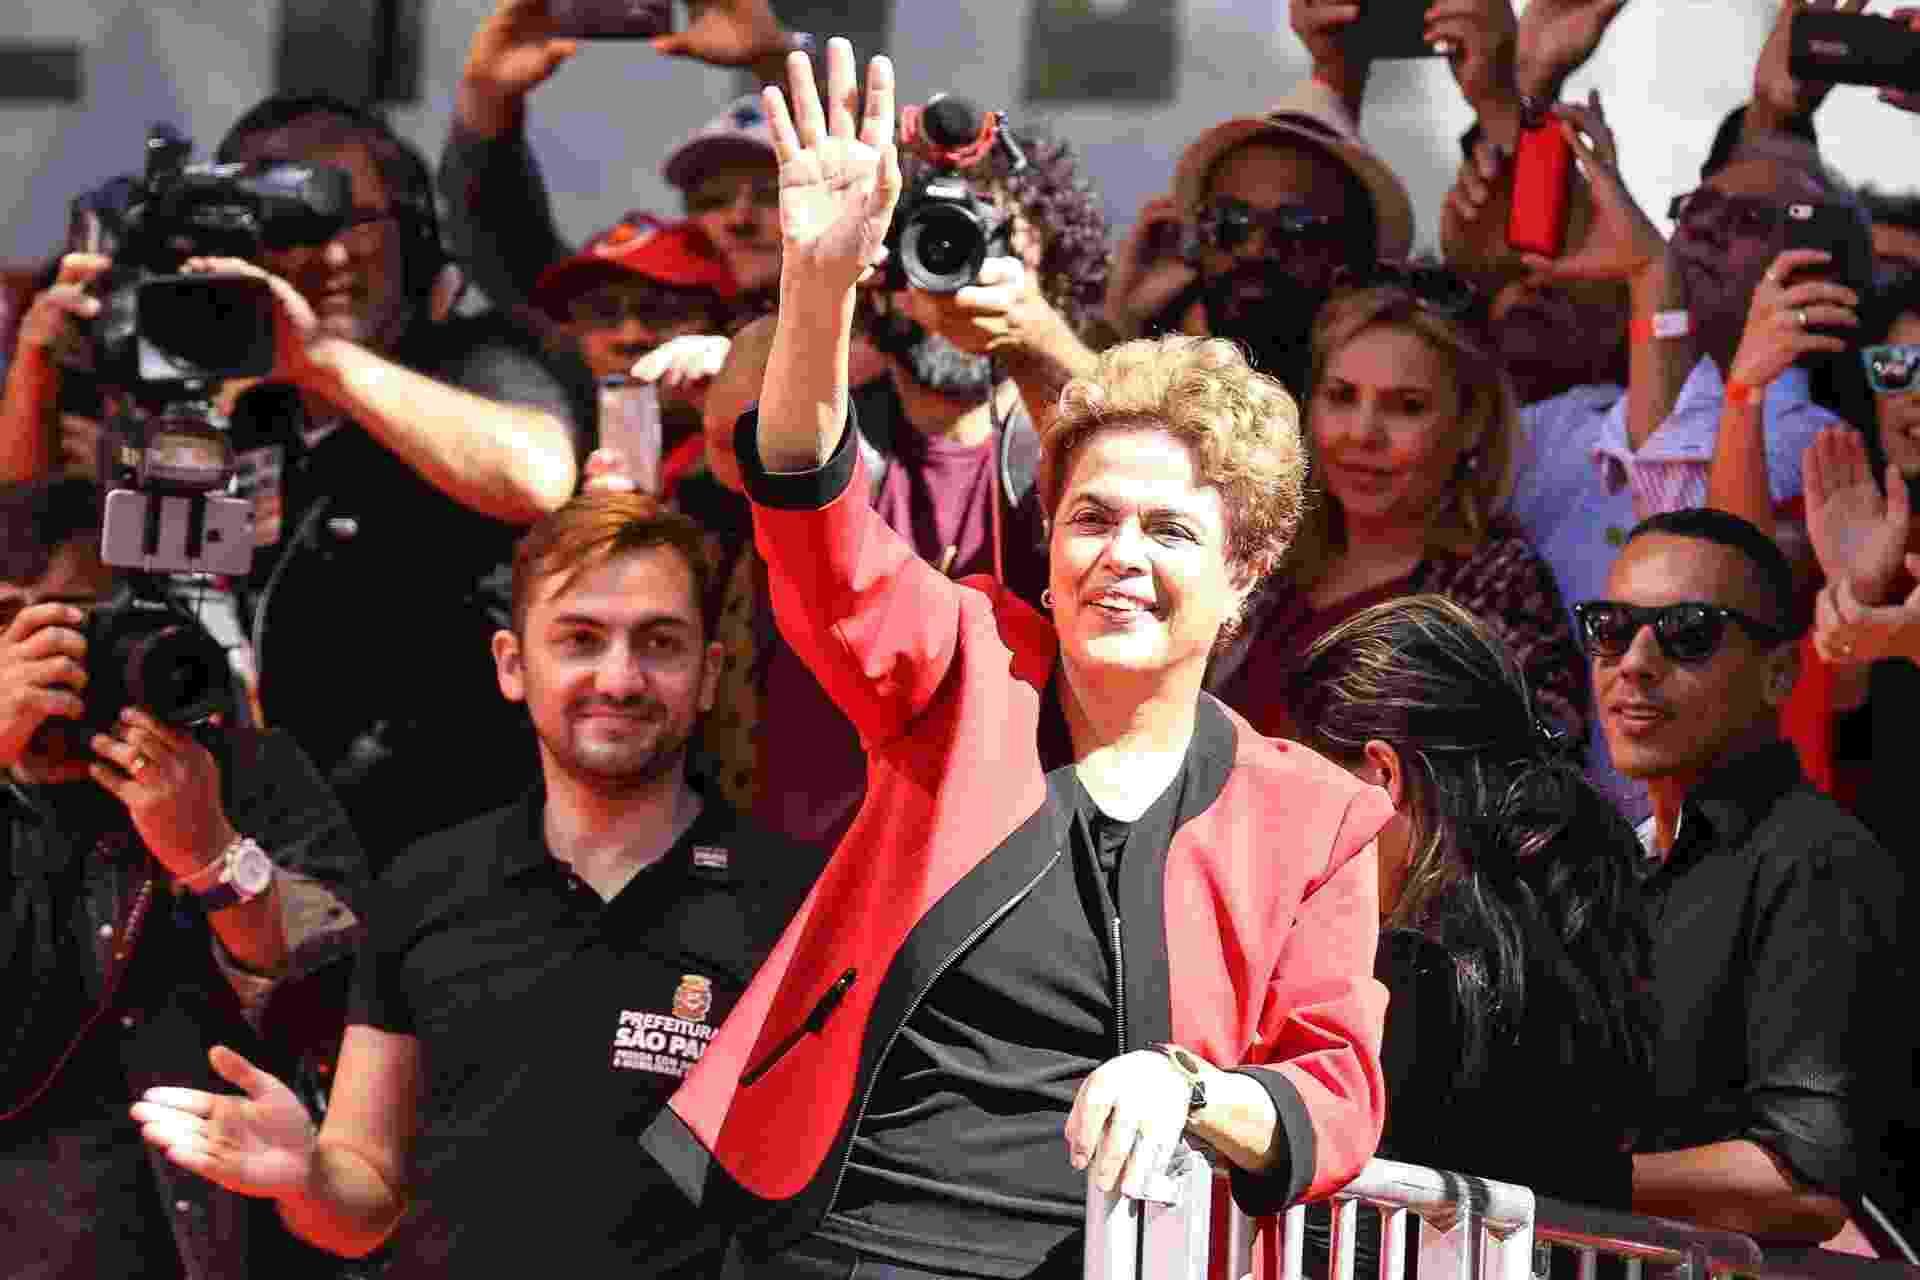 1º.mai.2016 -  A presidente da República, Dilma Rousseff (PT), parece no palco da festa do Dia do Trabalho realiza pela CUT (Central Única dos Trabalhadores) no Vale do Anhangabaú, região central de São Paulo. Parlamentares da base governista e ministros do governo também participam, como Orlando Silva (PCdoB-SP), Valmir Prascidelli (PT-SP), Arlindo Chinaglia (PT-SP) e o ministro do Trabalho, Emprego e Previdência, Miguel Rossetto - Vanessa Carvalho/Brazil Photo Press/Estadão Conteúdo